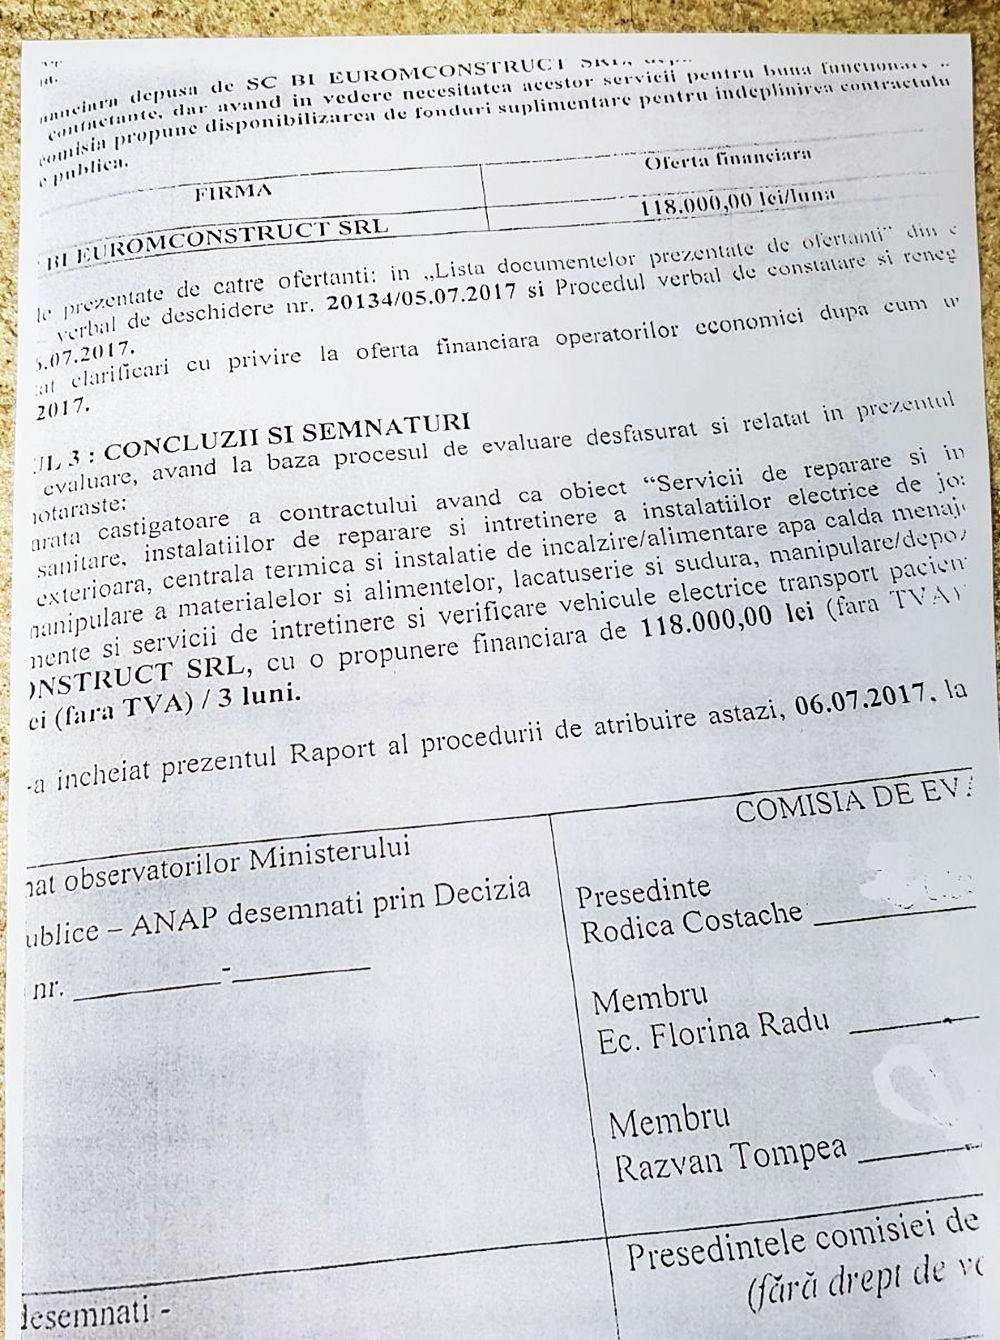 Noul contract cu Bi Euromconstruct, încheiat la începutul acestei luni